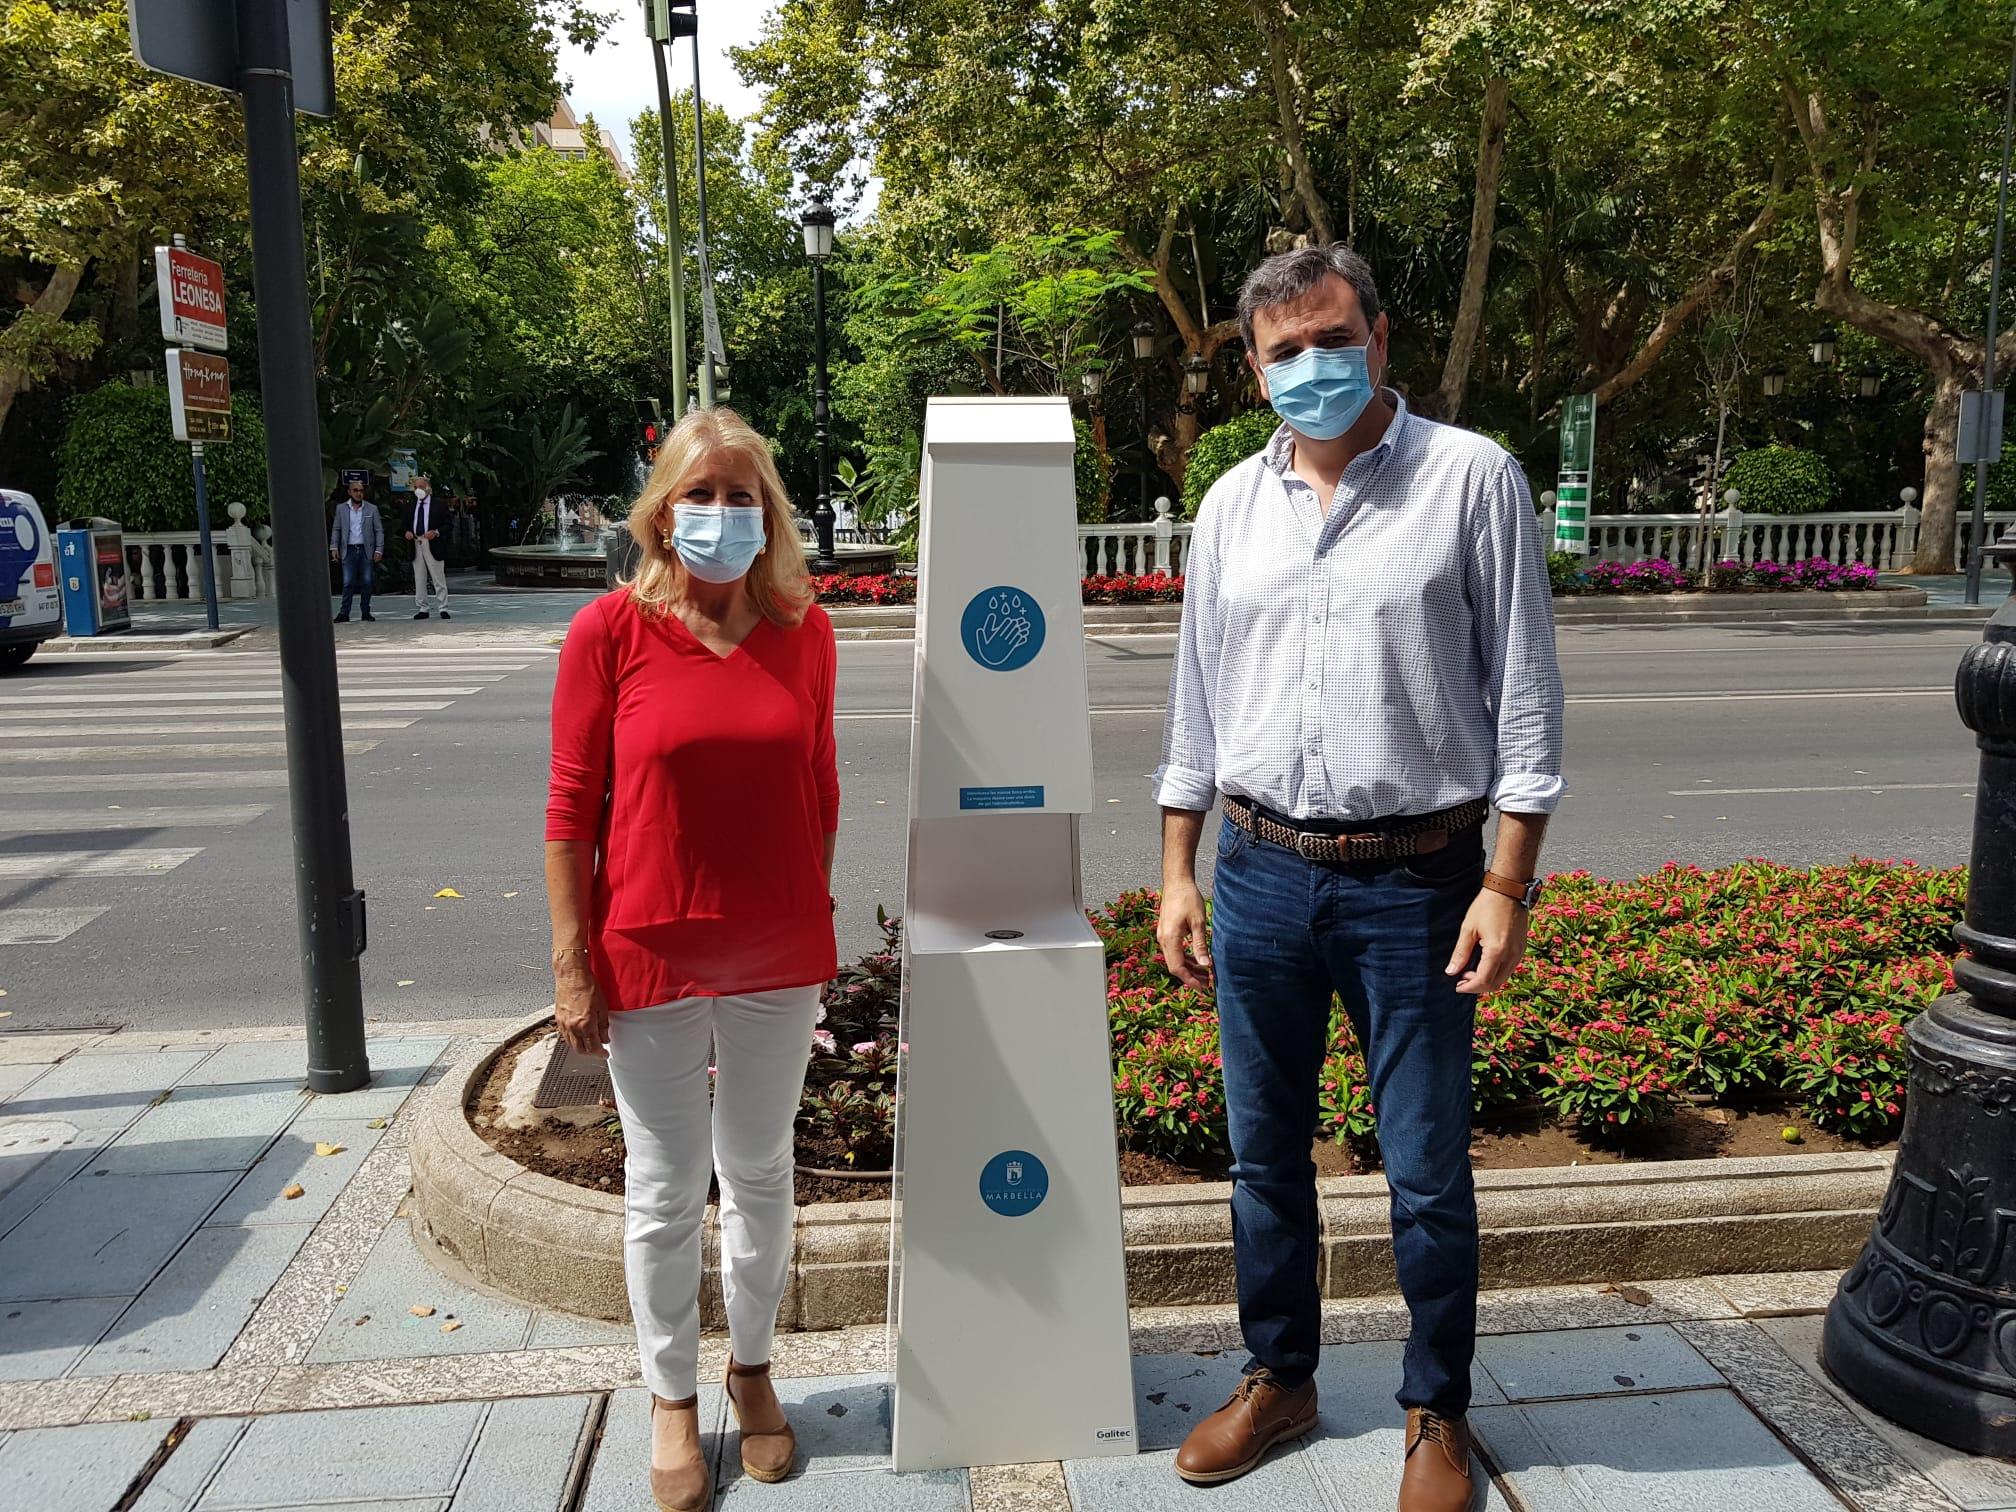 Instalan dispensadores automáticos de gel hidroalcohólico en la vía pública